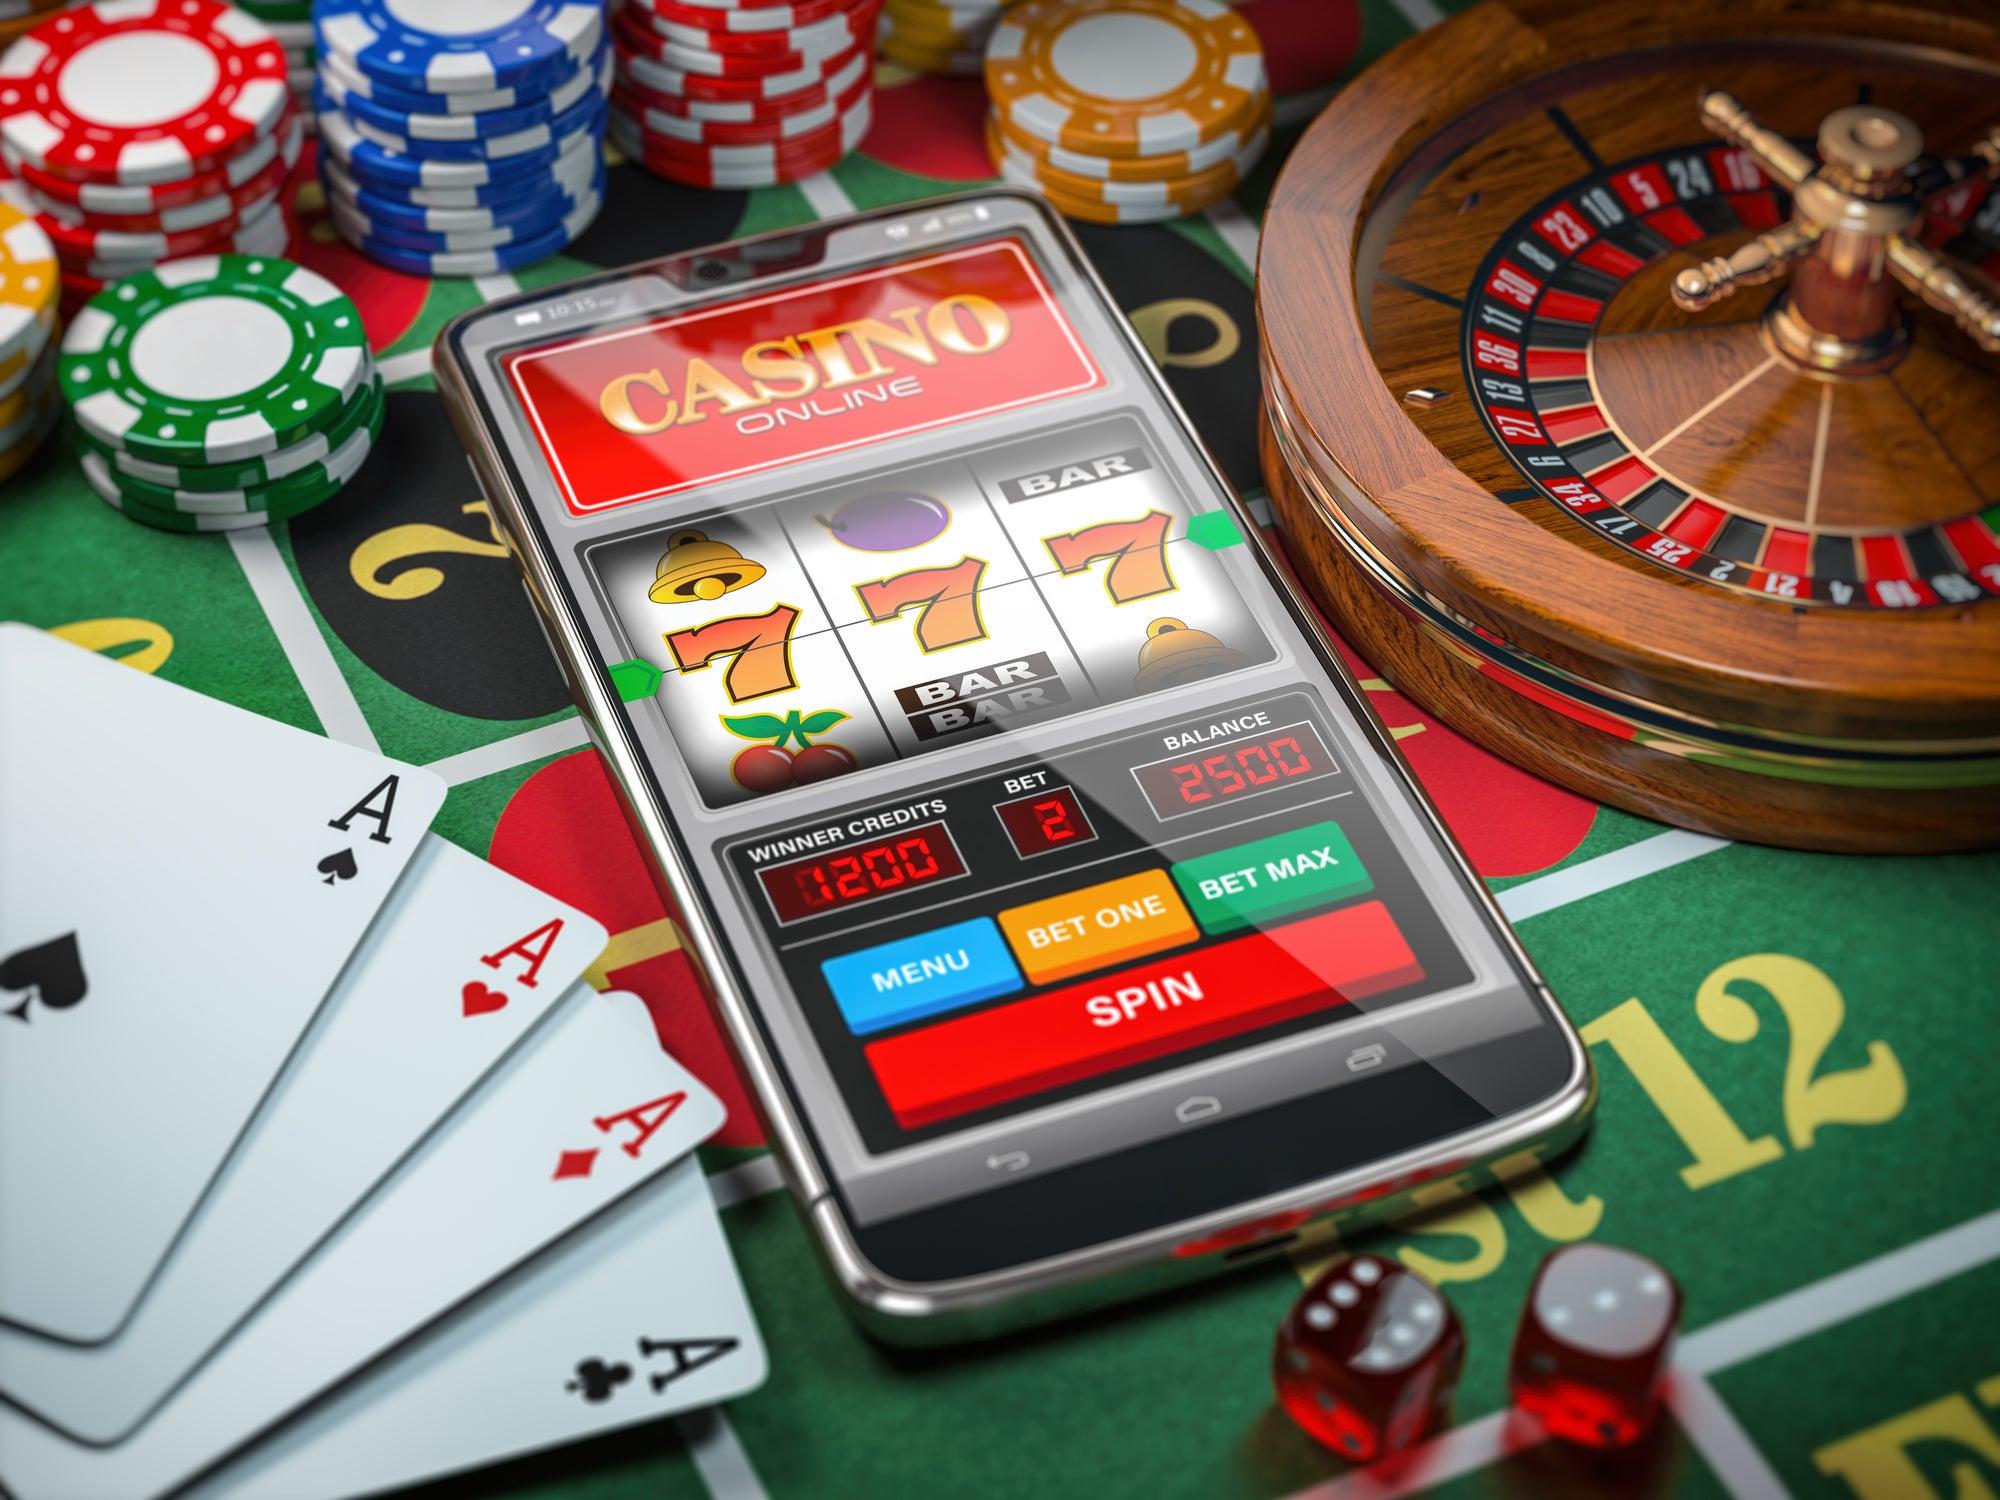 les jeux disponibles sur un casino en ligne